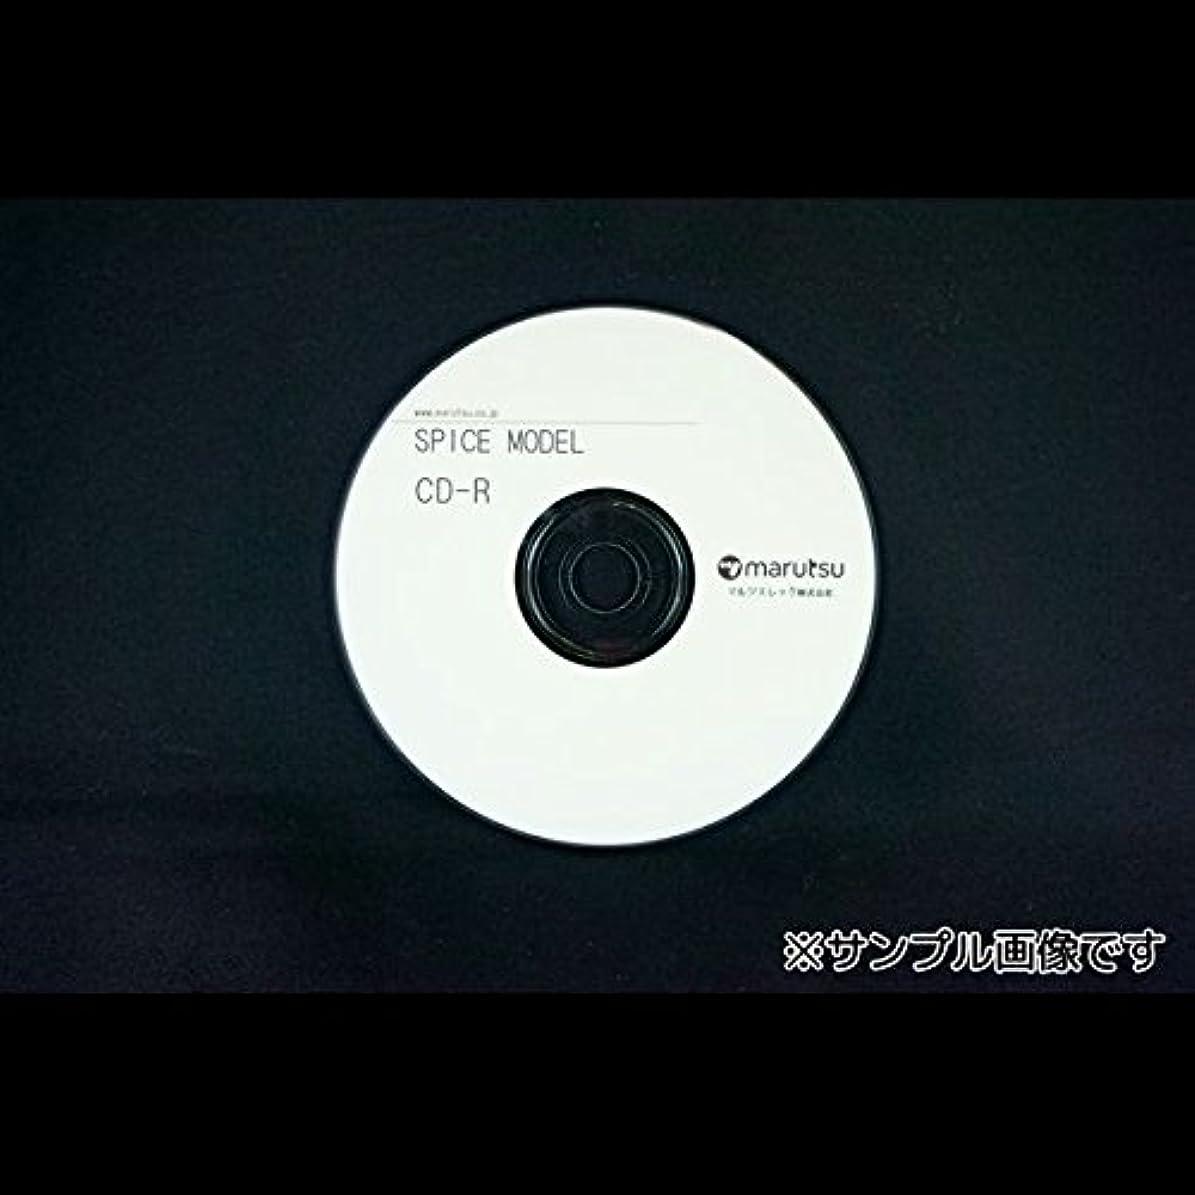 声を出してジョガープレミアムBee Technologies 【SPICE】8RHB[ 82] 【8RHB_82UH_0.91A_CD】